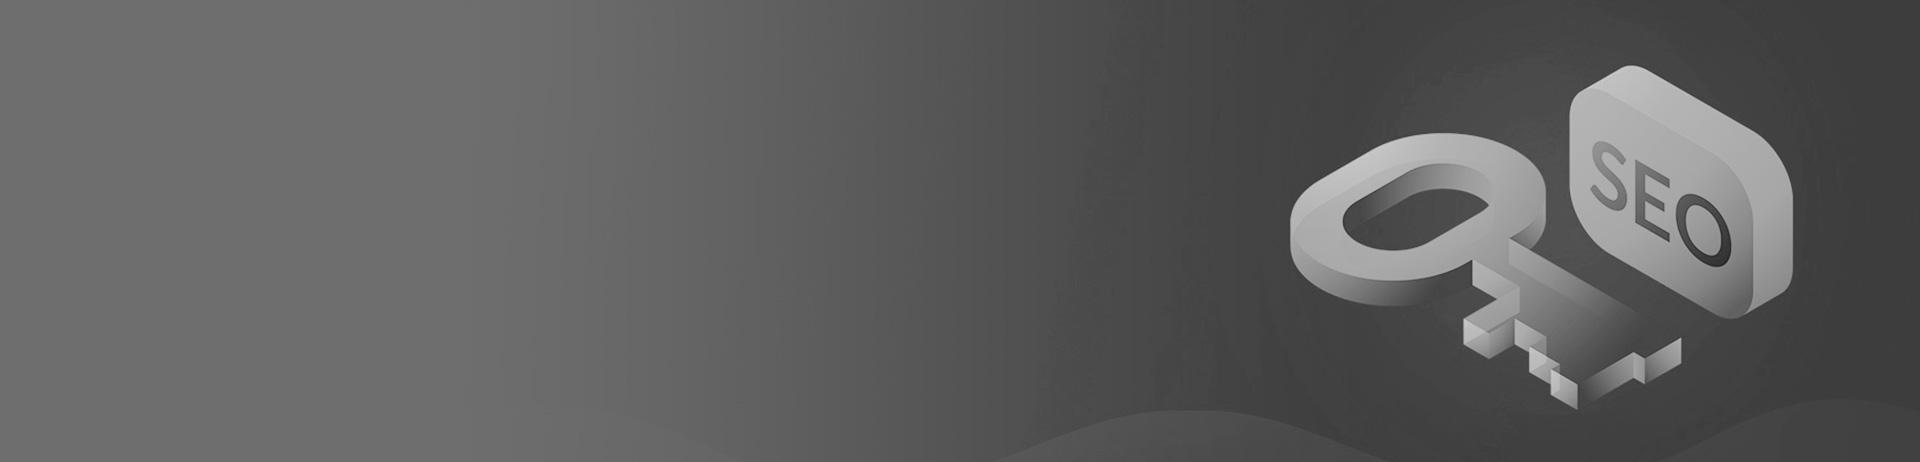 网站优化公司,seo网站优化,网站排名优化